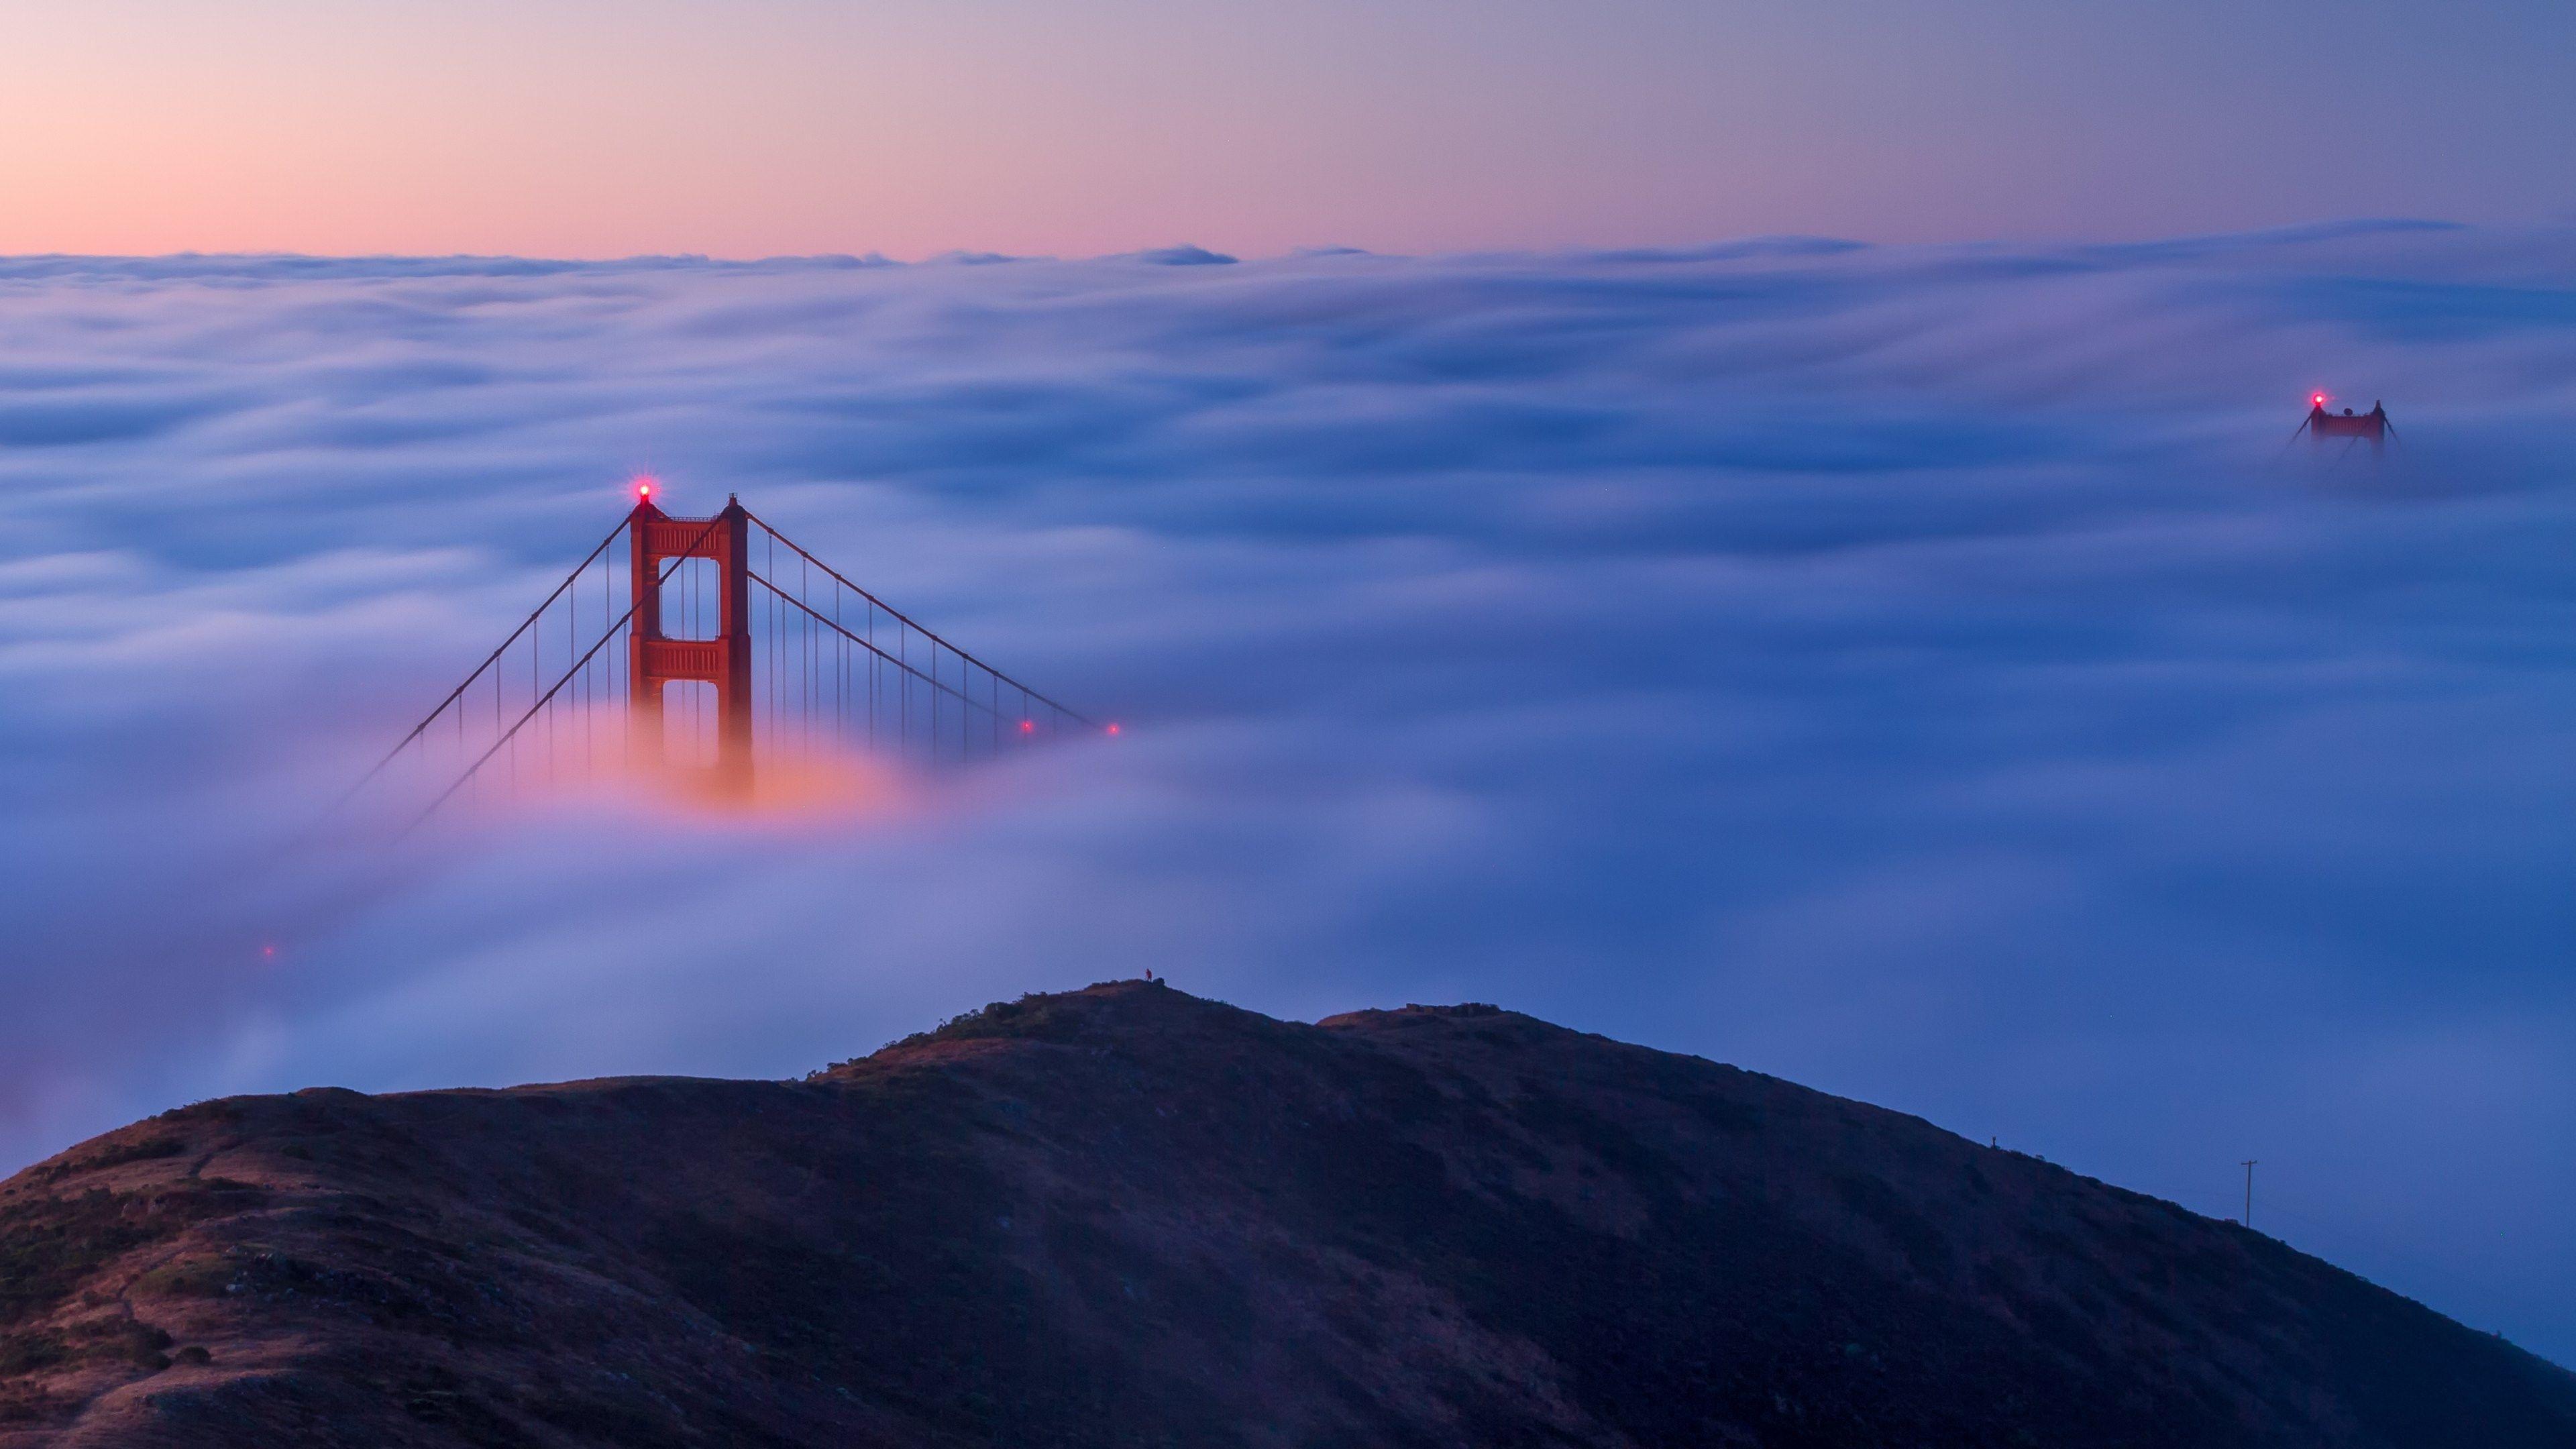 Golden Gate Bridge Enveloped by Fog HD Desktop Wallpaper for